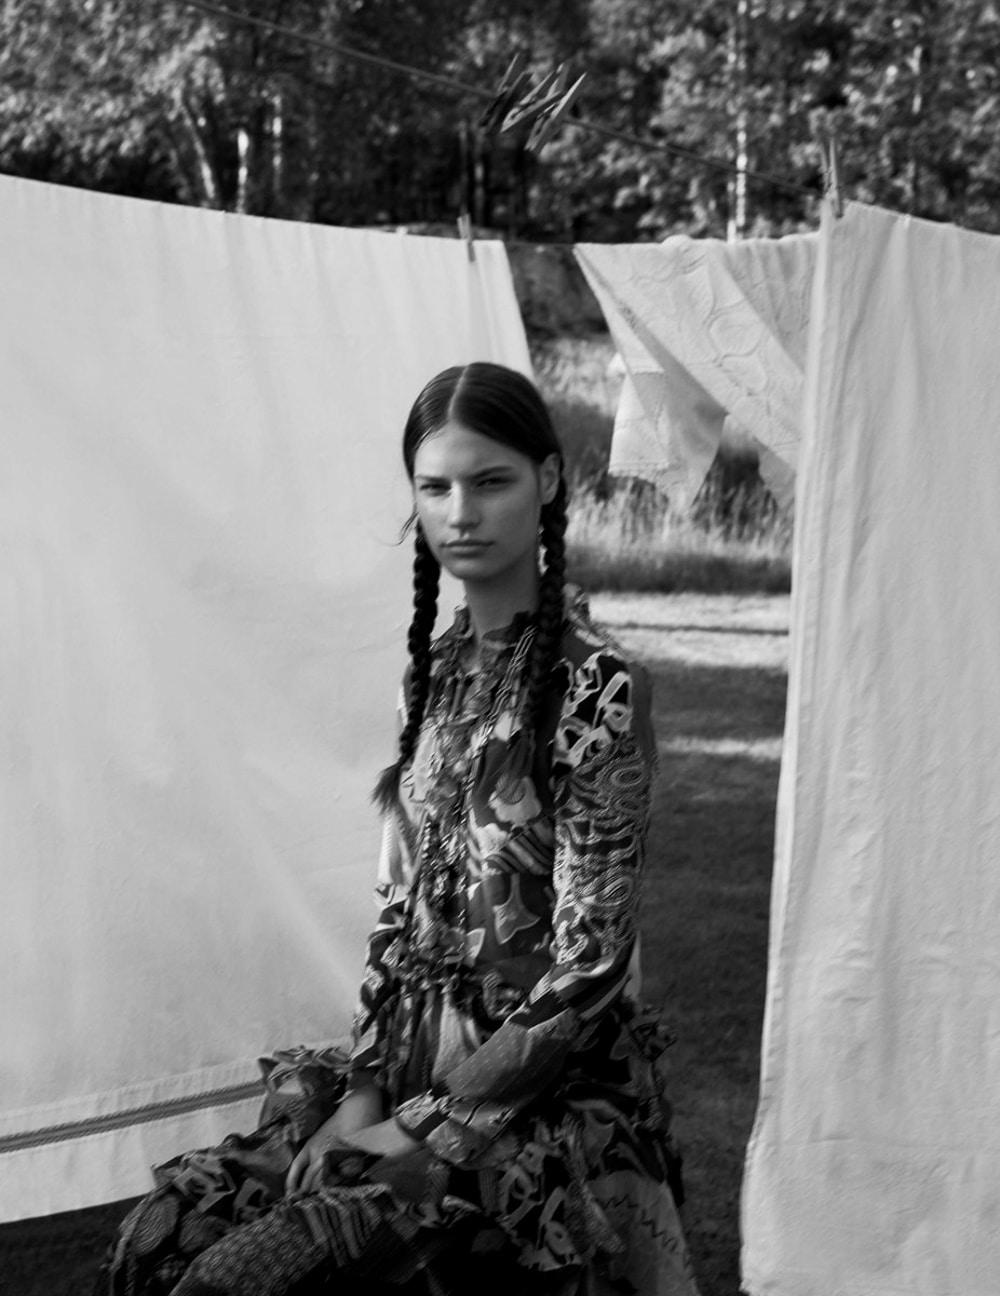 Vogue-Spain-August-2018-Faretta-by-Camilla-Akrans-9.jpg